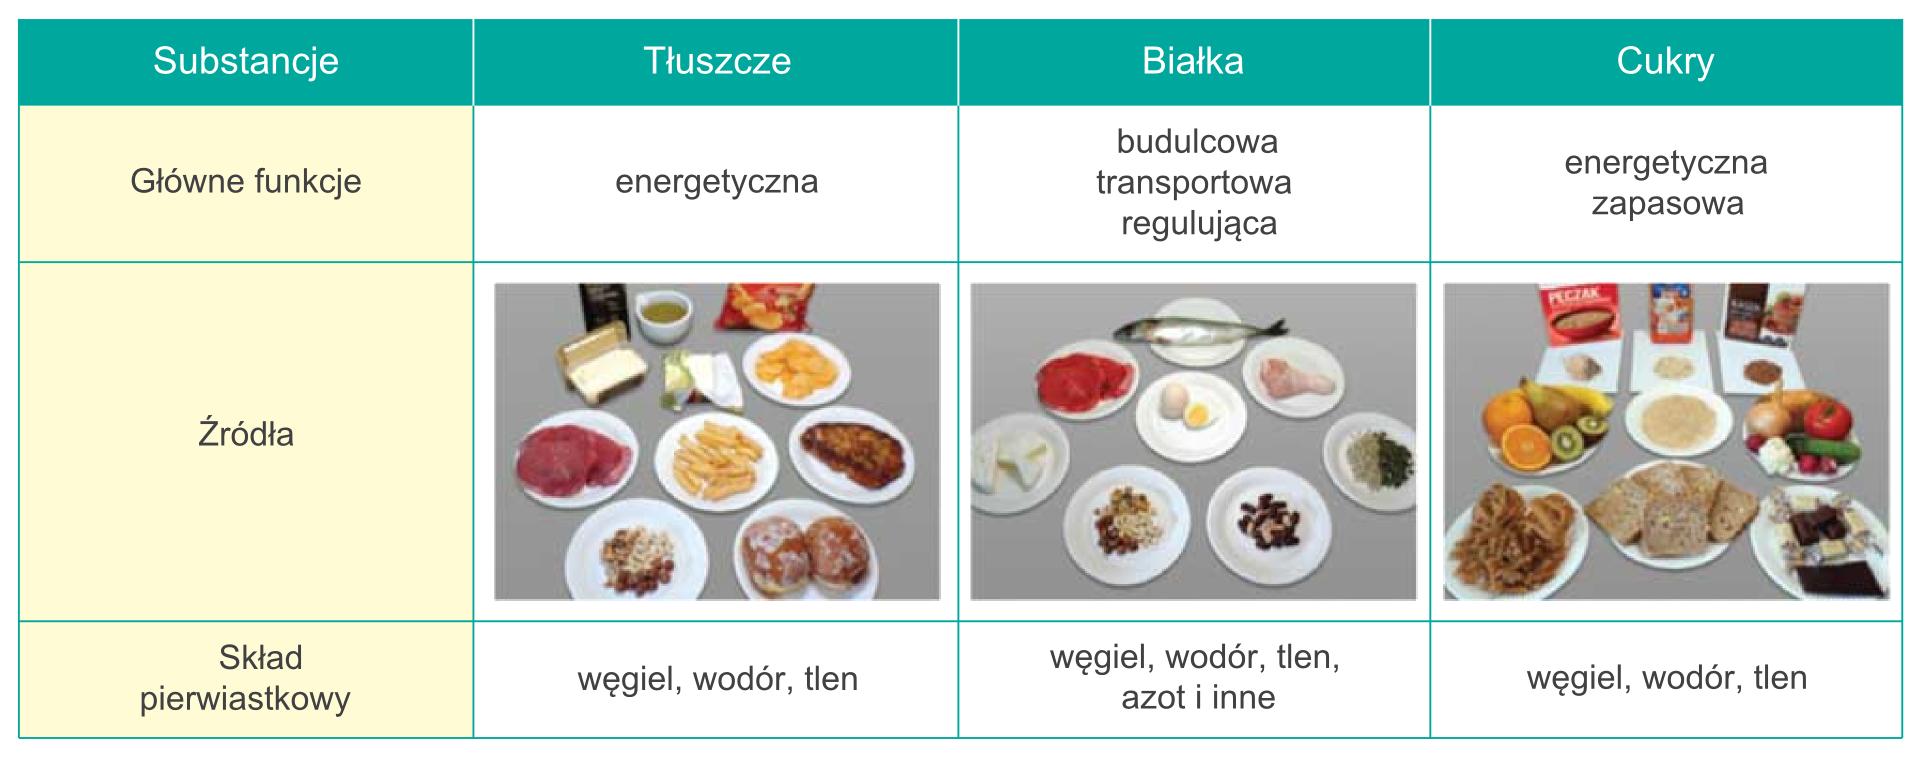 Substancje oznaczeniu biologicznym, ich funkcje oraz źródła występowania